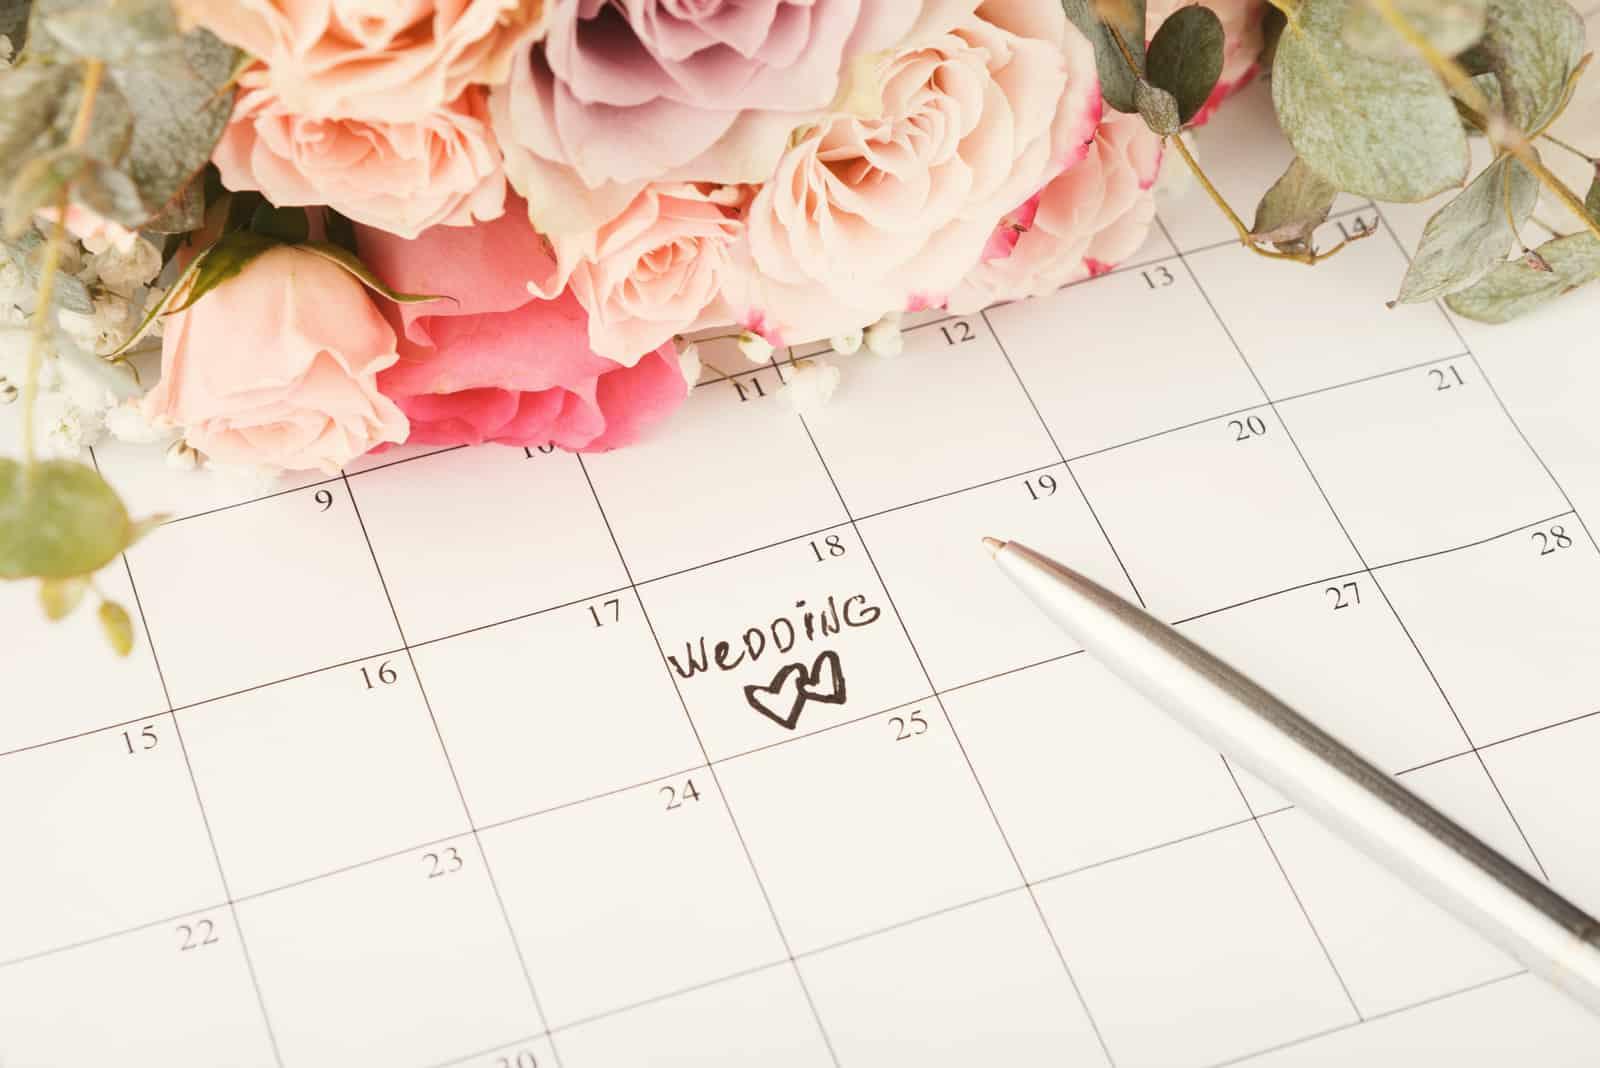 Worthochzeit und zwei Herzen auf Kalender mit süßem Rosenstrauß.